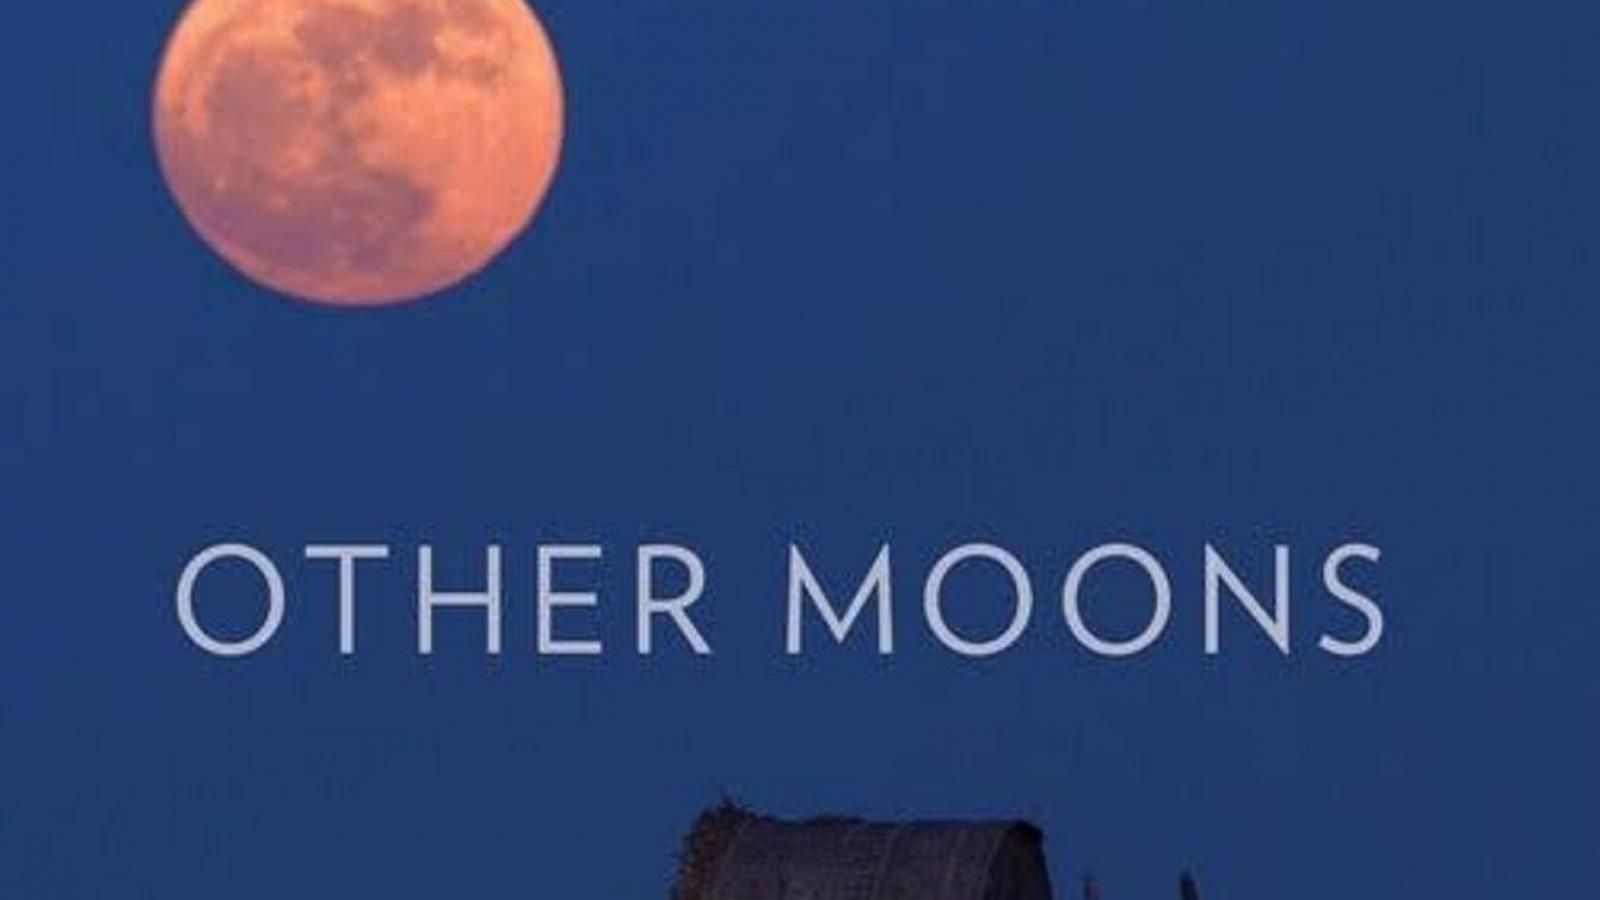 Other Moons- Những vầng trăng khác